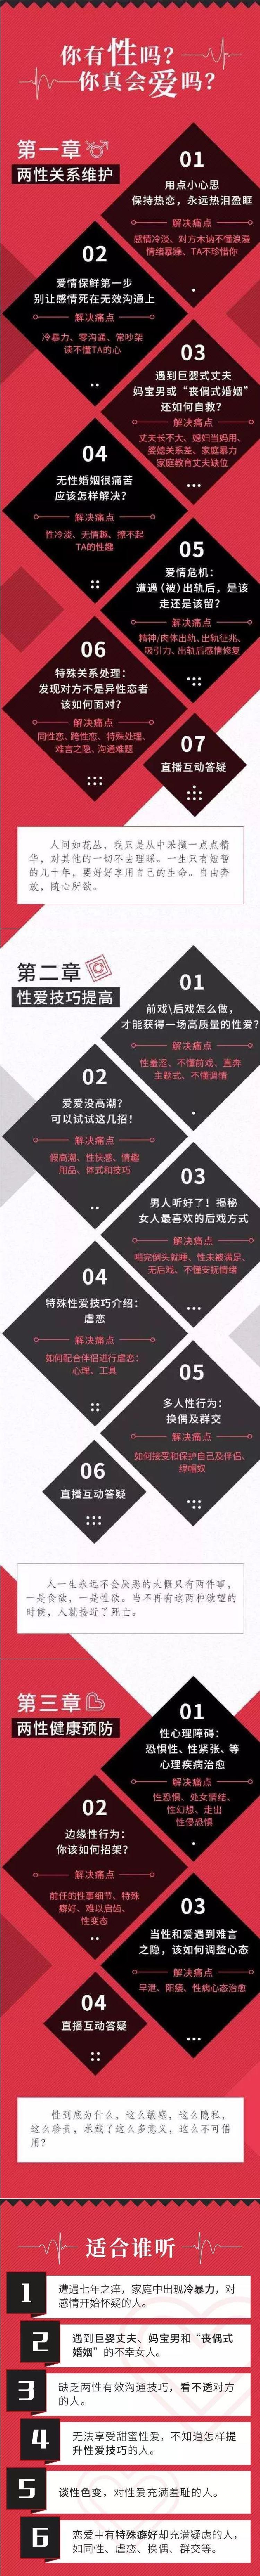 中国第一性学家李银河:这才是成年人都想要的性和爱